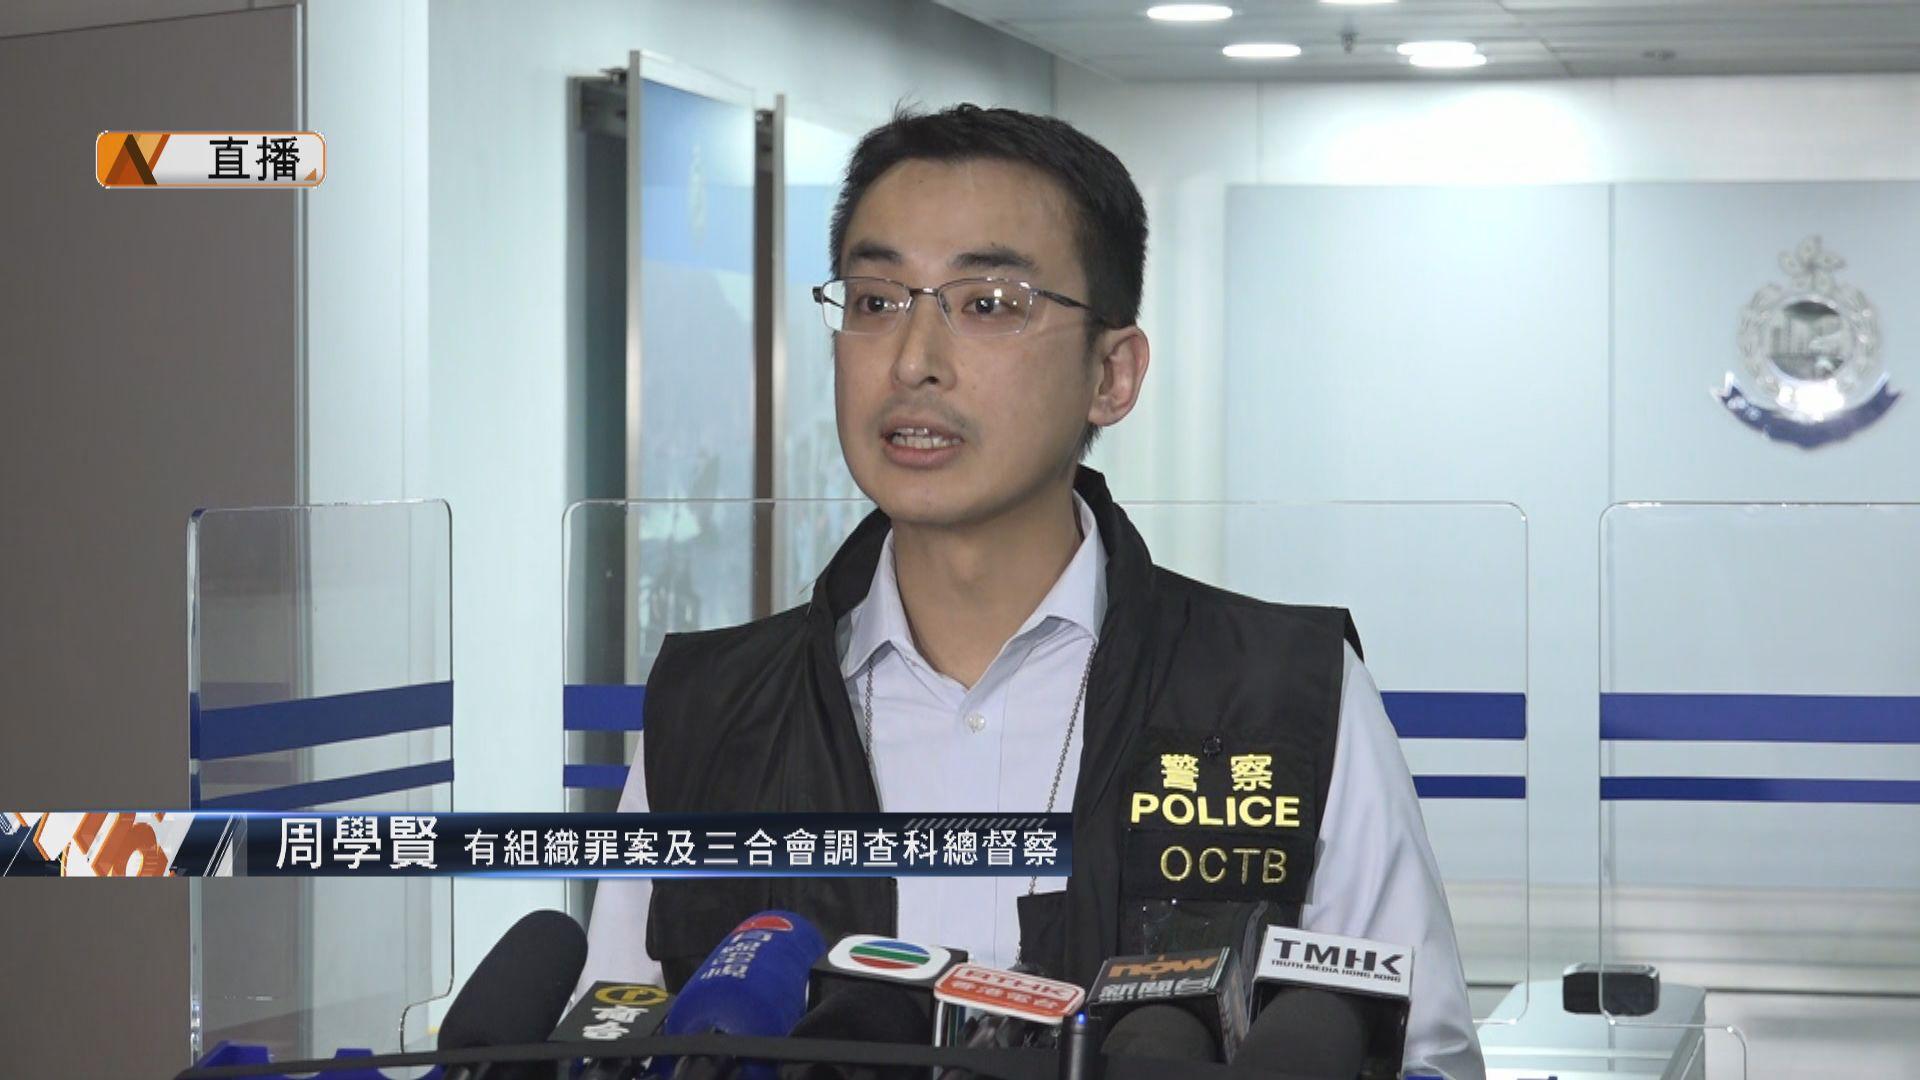 【最新】警方:根據方仲賢反應及搜獲鐳射槍作拘捕